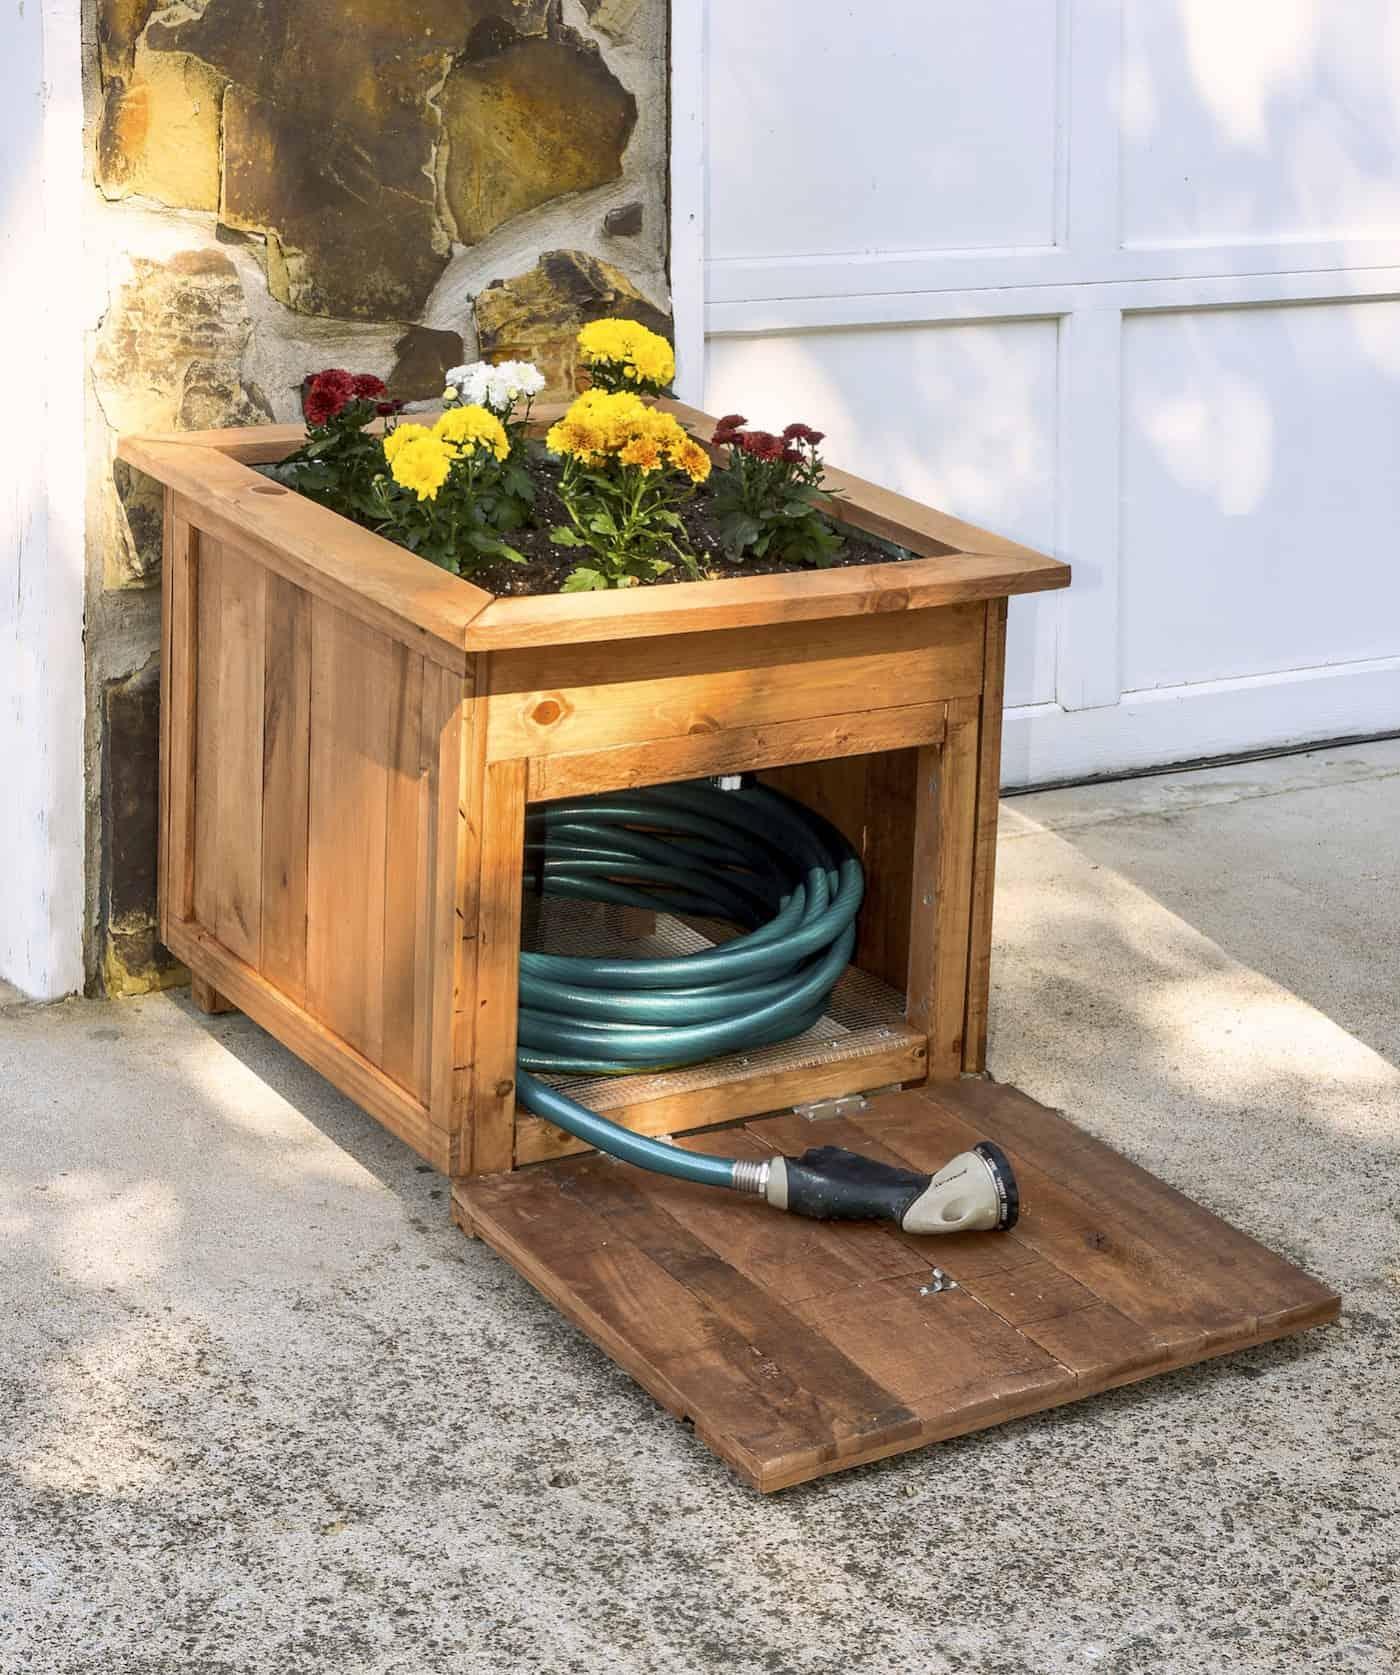 Hose storage wooden planter